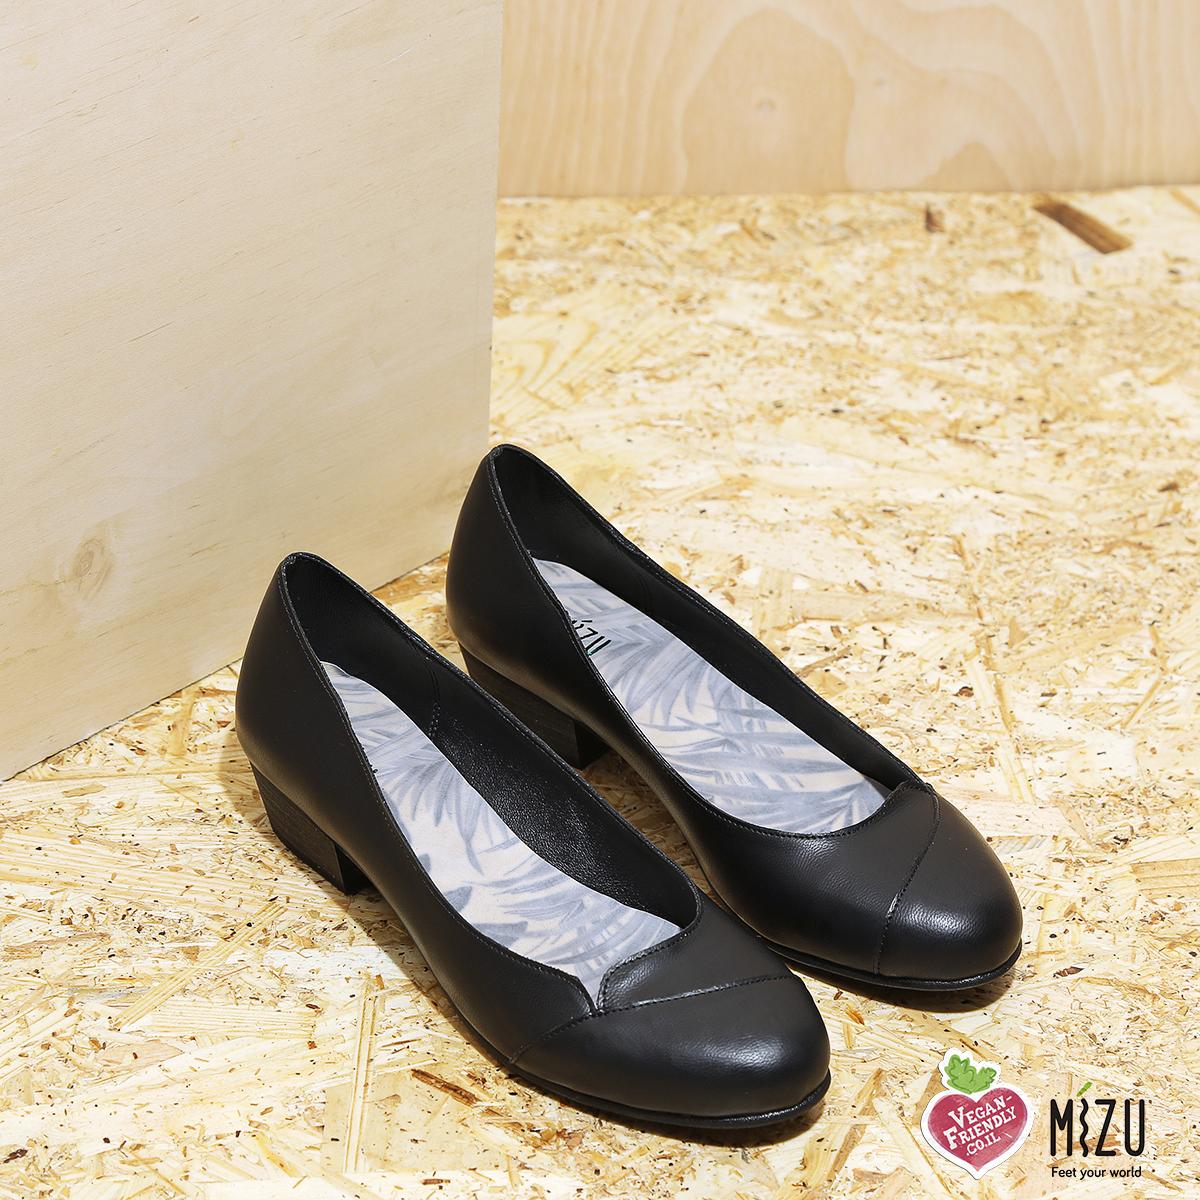 דגם מנצ'סטר: נעלי סירה טבעוניות בצבע שחור